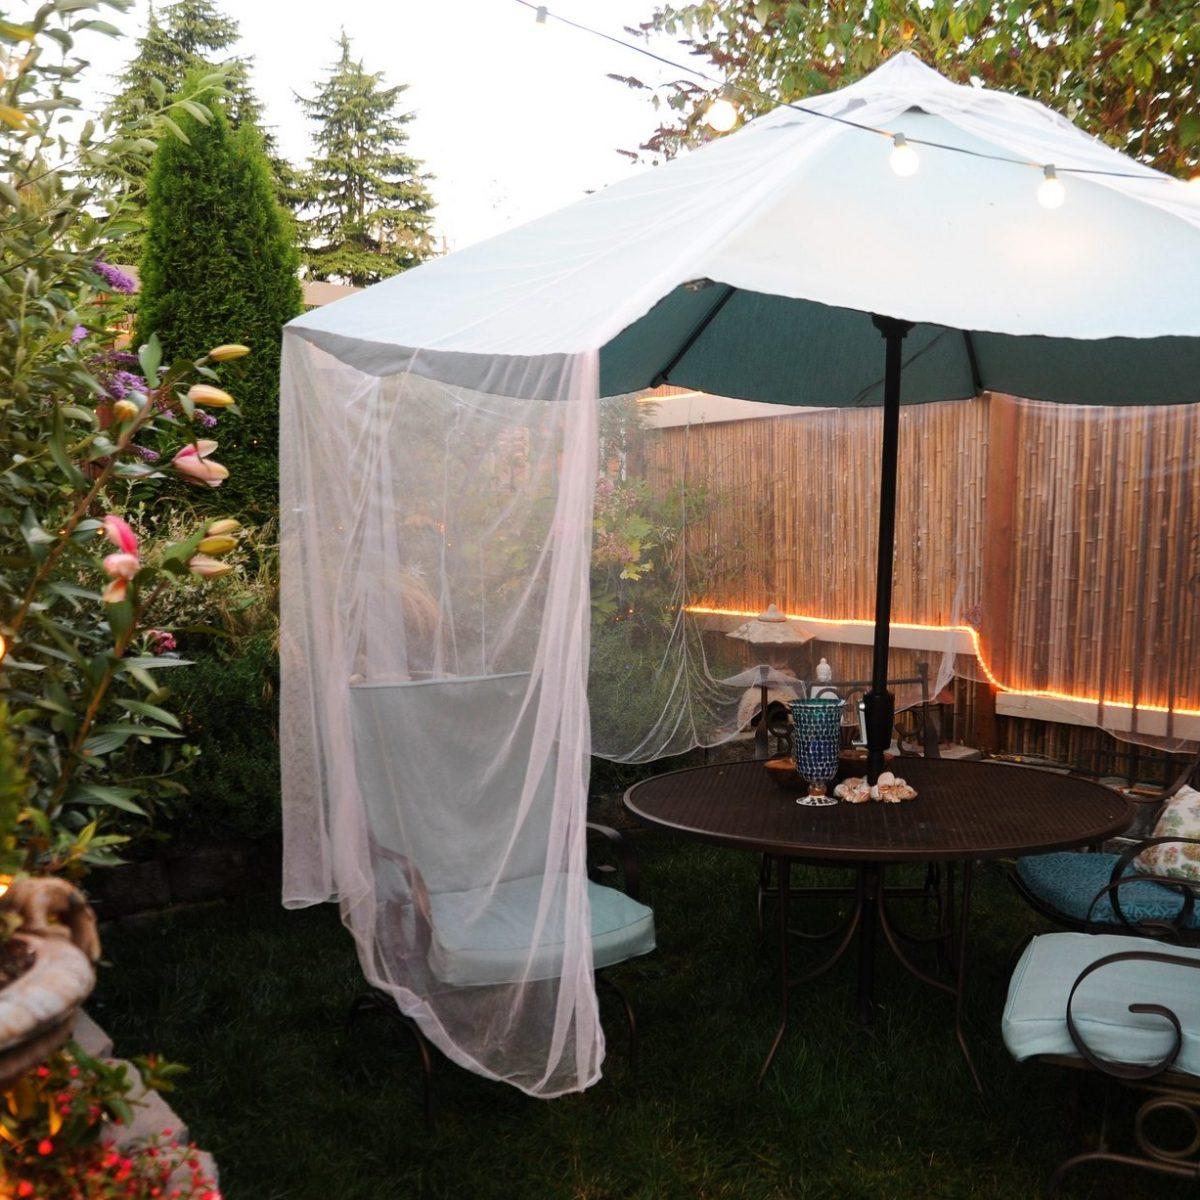 Ombrelloni Rettangolari Da Giardino.Migliori Ombrelloni Da Giardino Classifica 2019 Opinioni E Offerte